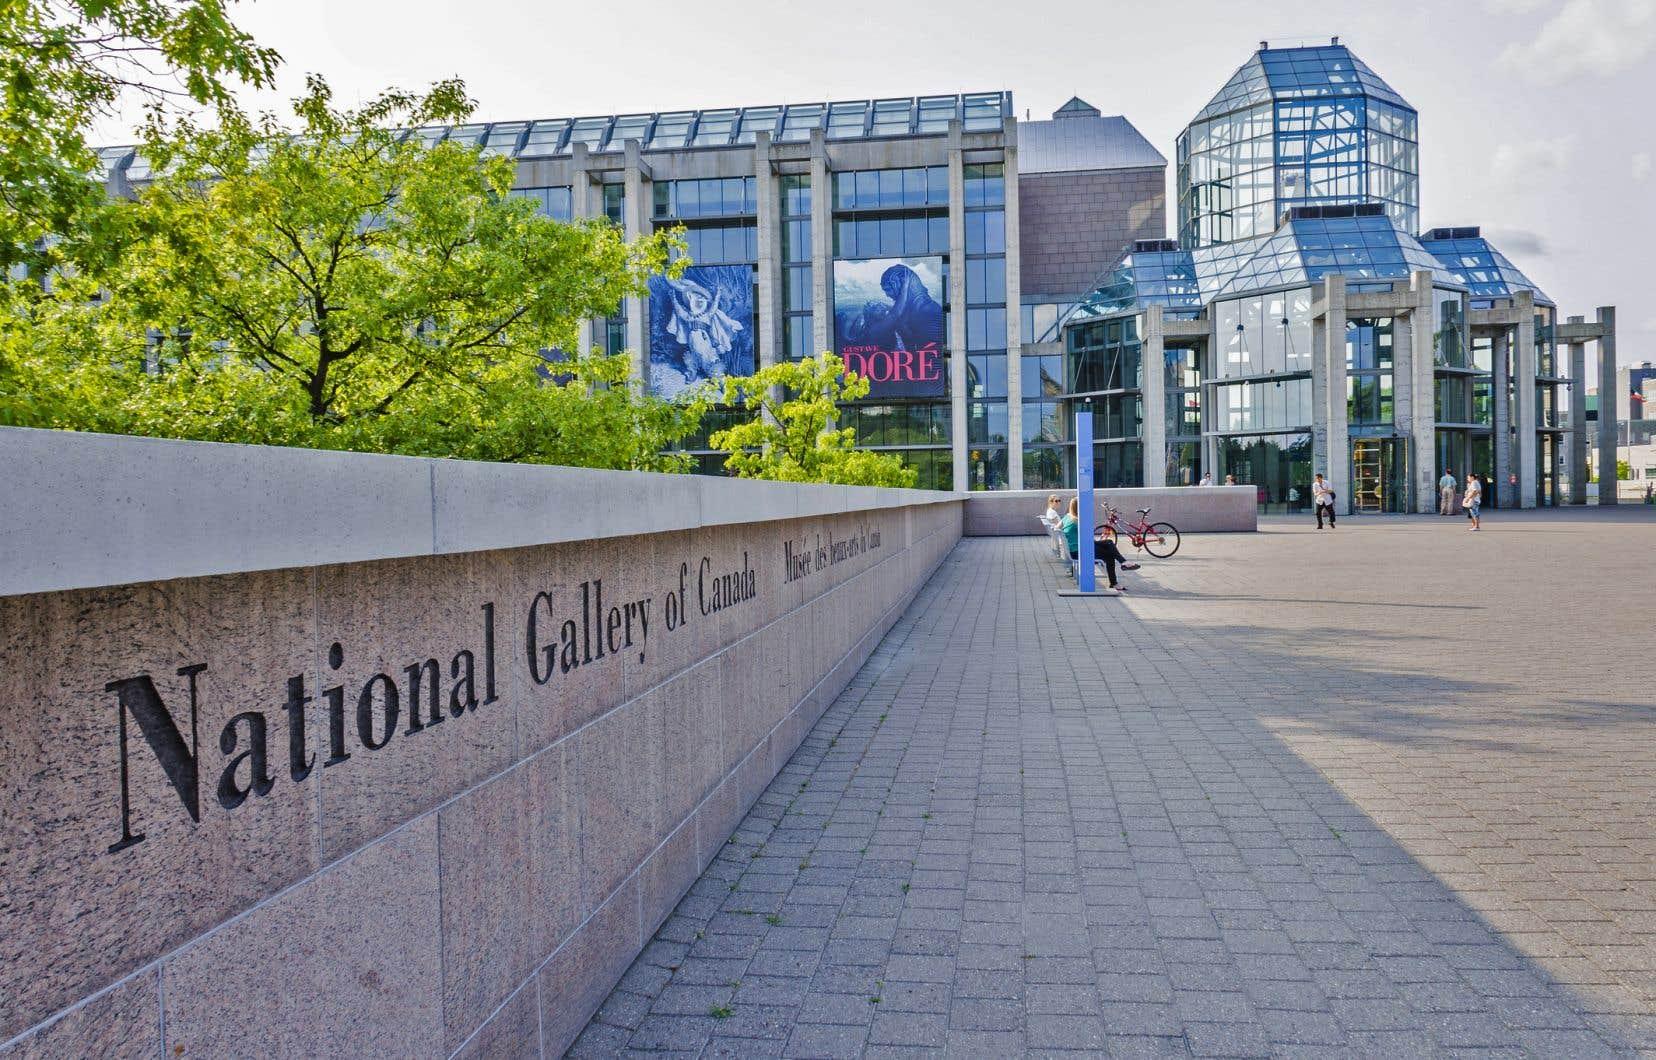 Après avoir semé un tollé, le Musée des beaux-arts du Canada a décidé de conserver le tableau «La tour Eiffel» de Chagall.